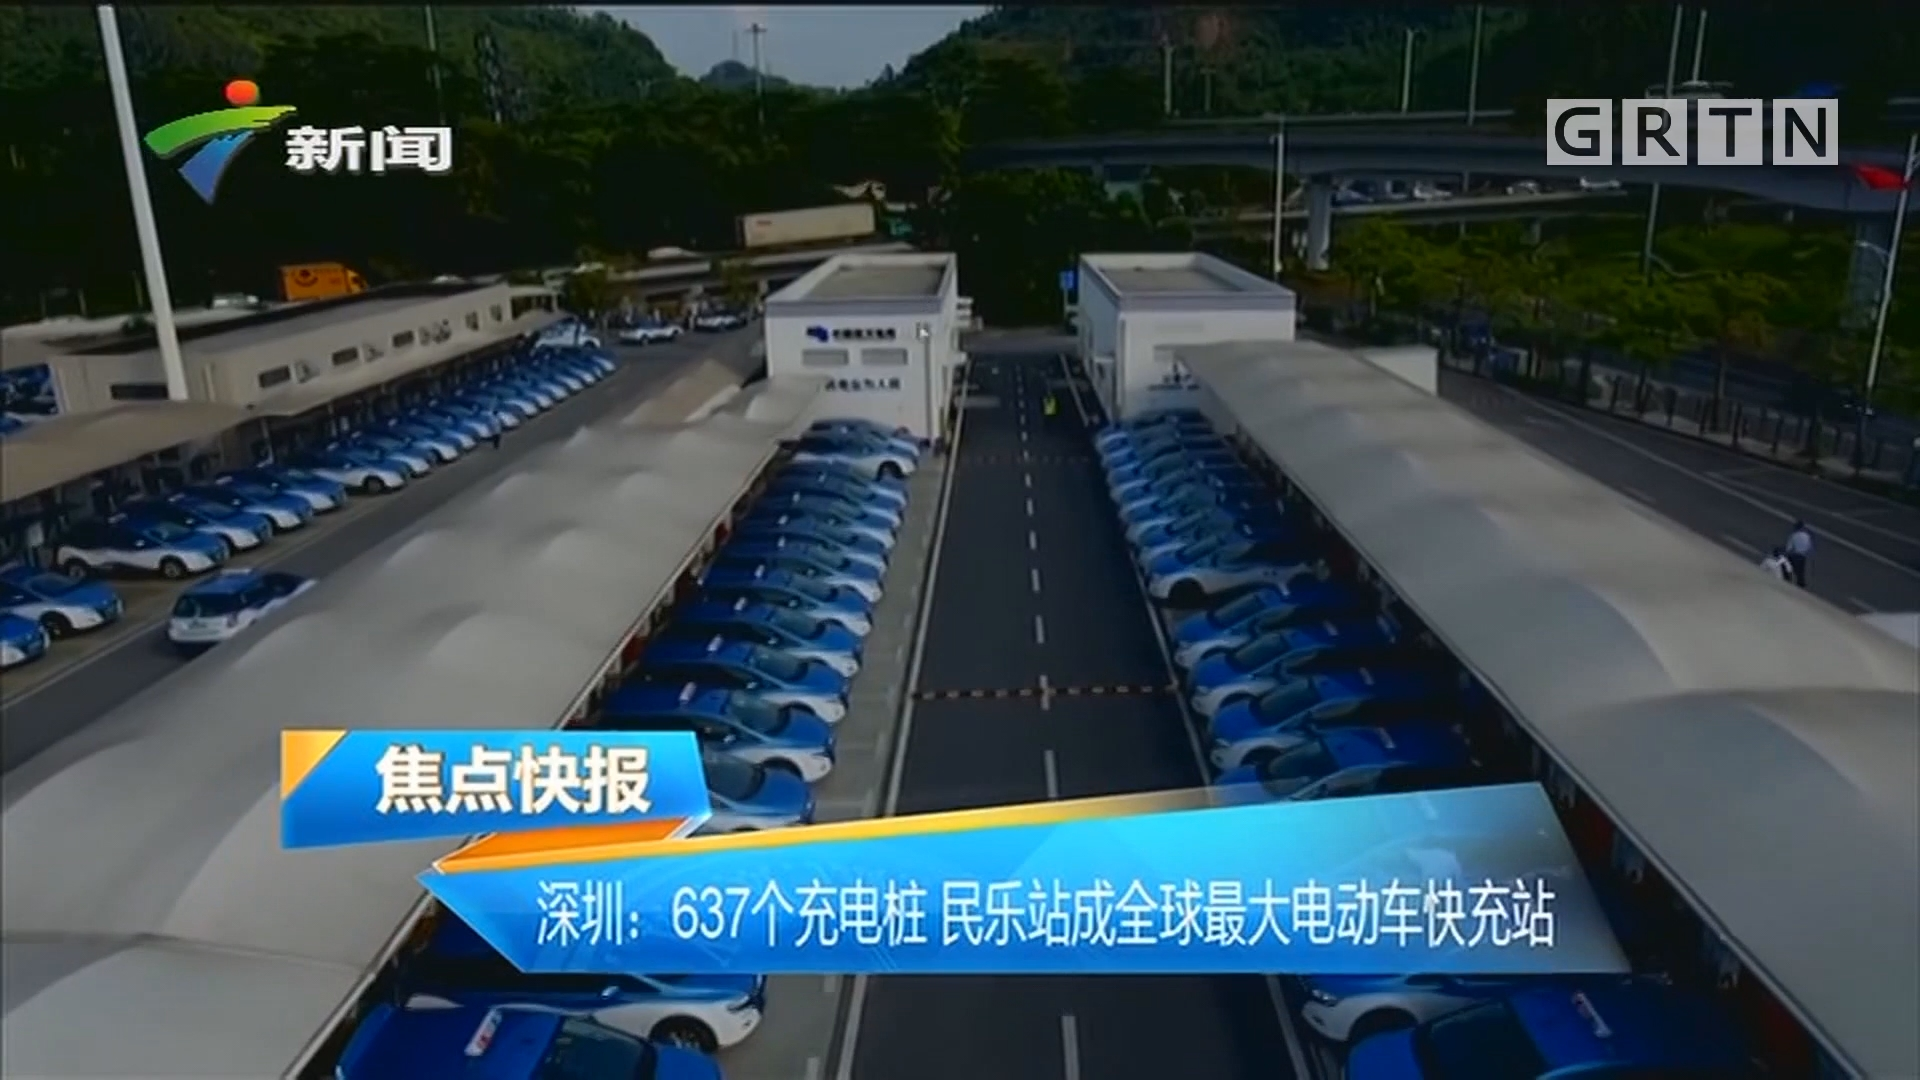 深圳:637个充电桩 民乐站成全球最大电动车快充站